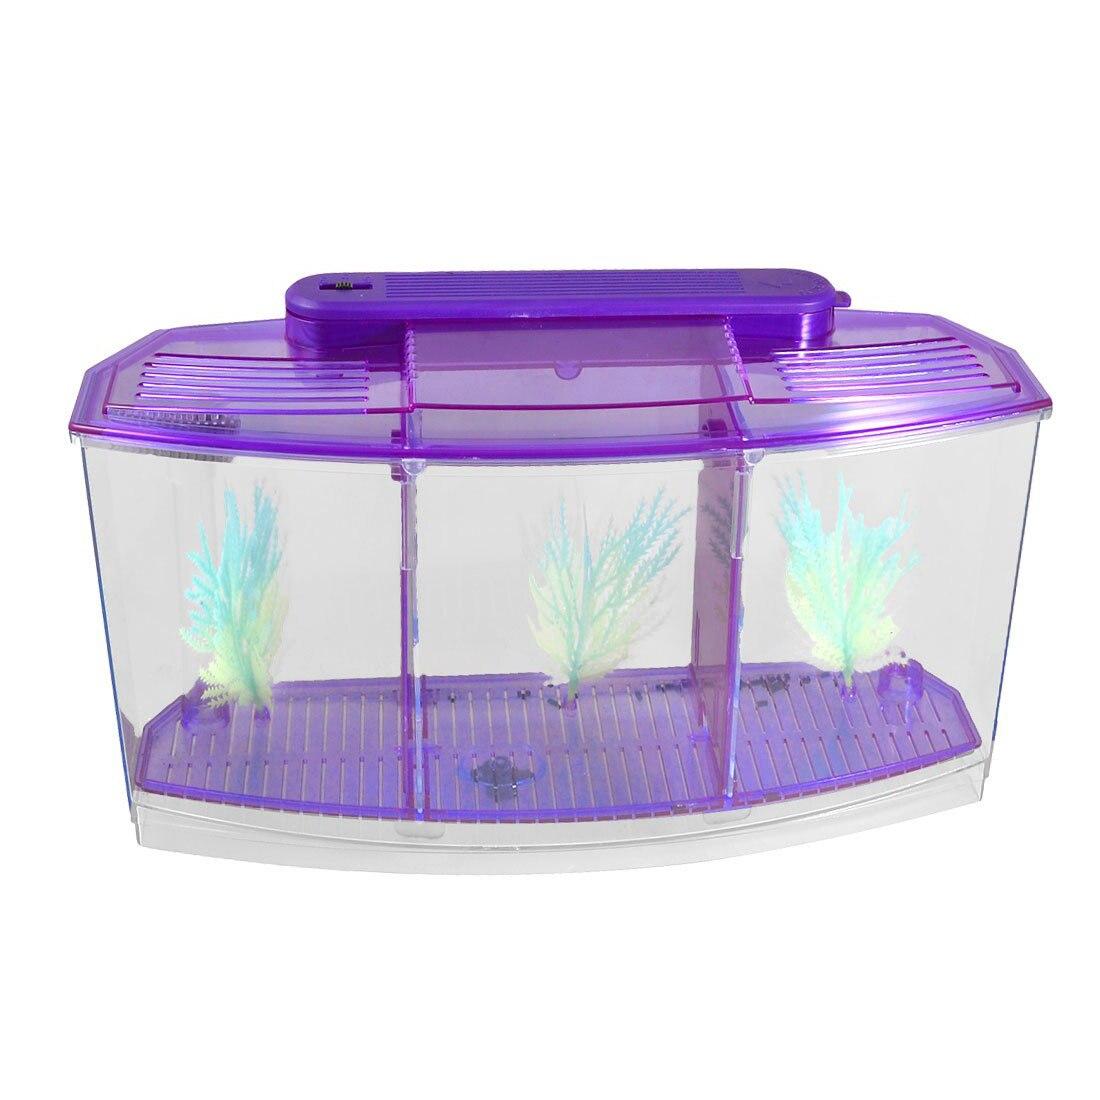 Fish for aquarium buy - Desktop Fish Aquarium